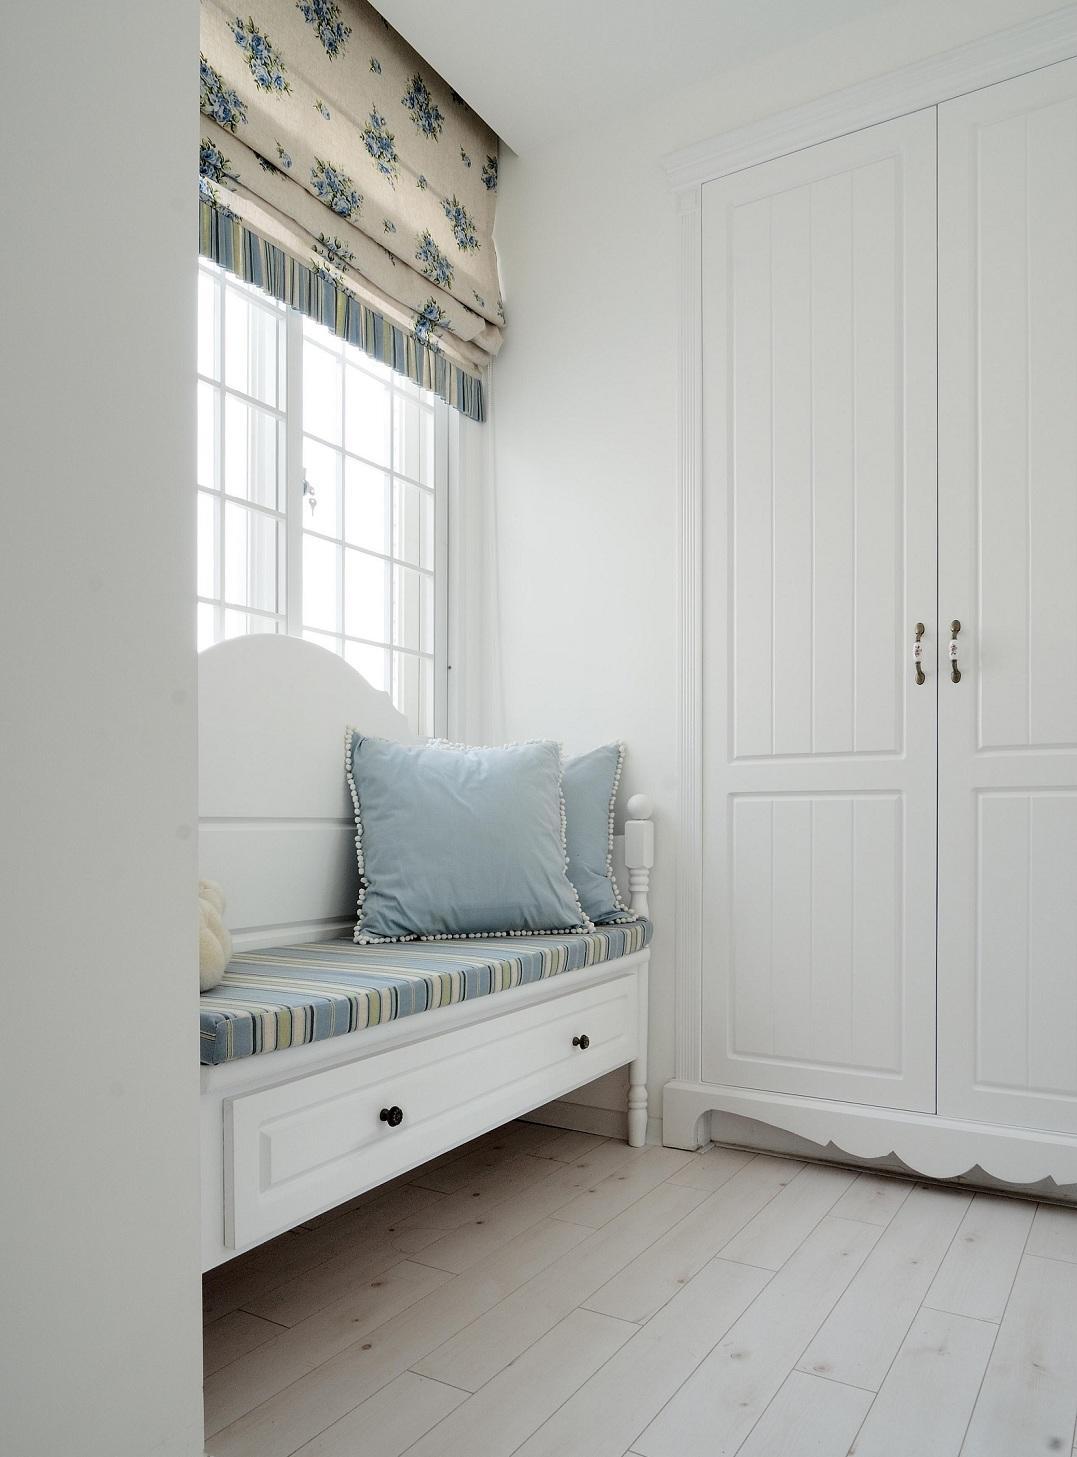 装修百科 装修效果图 装修美图 清新简约复式家装飘窗兼收纳柜设计美